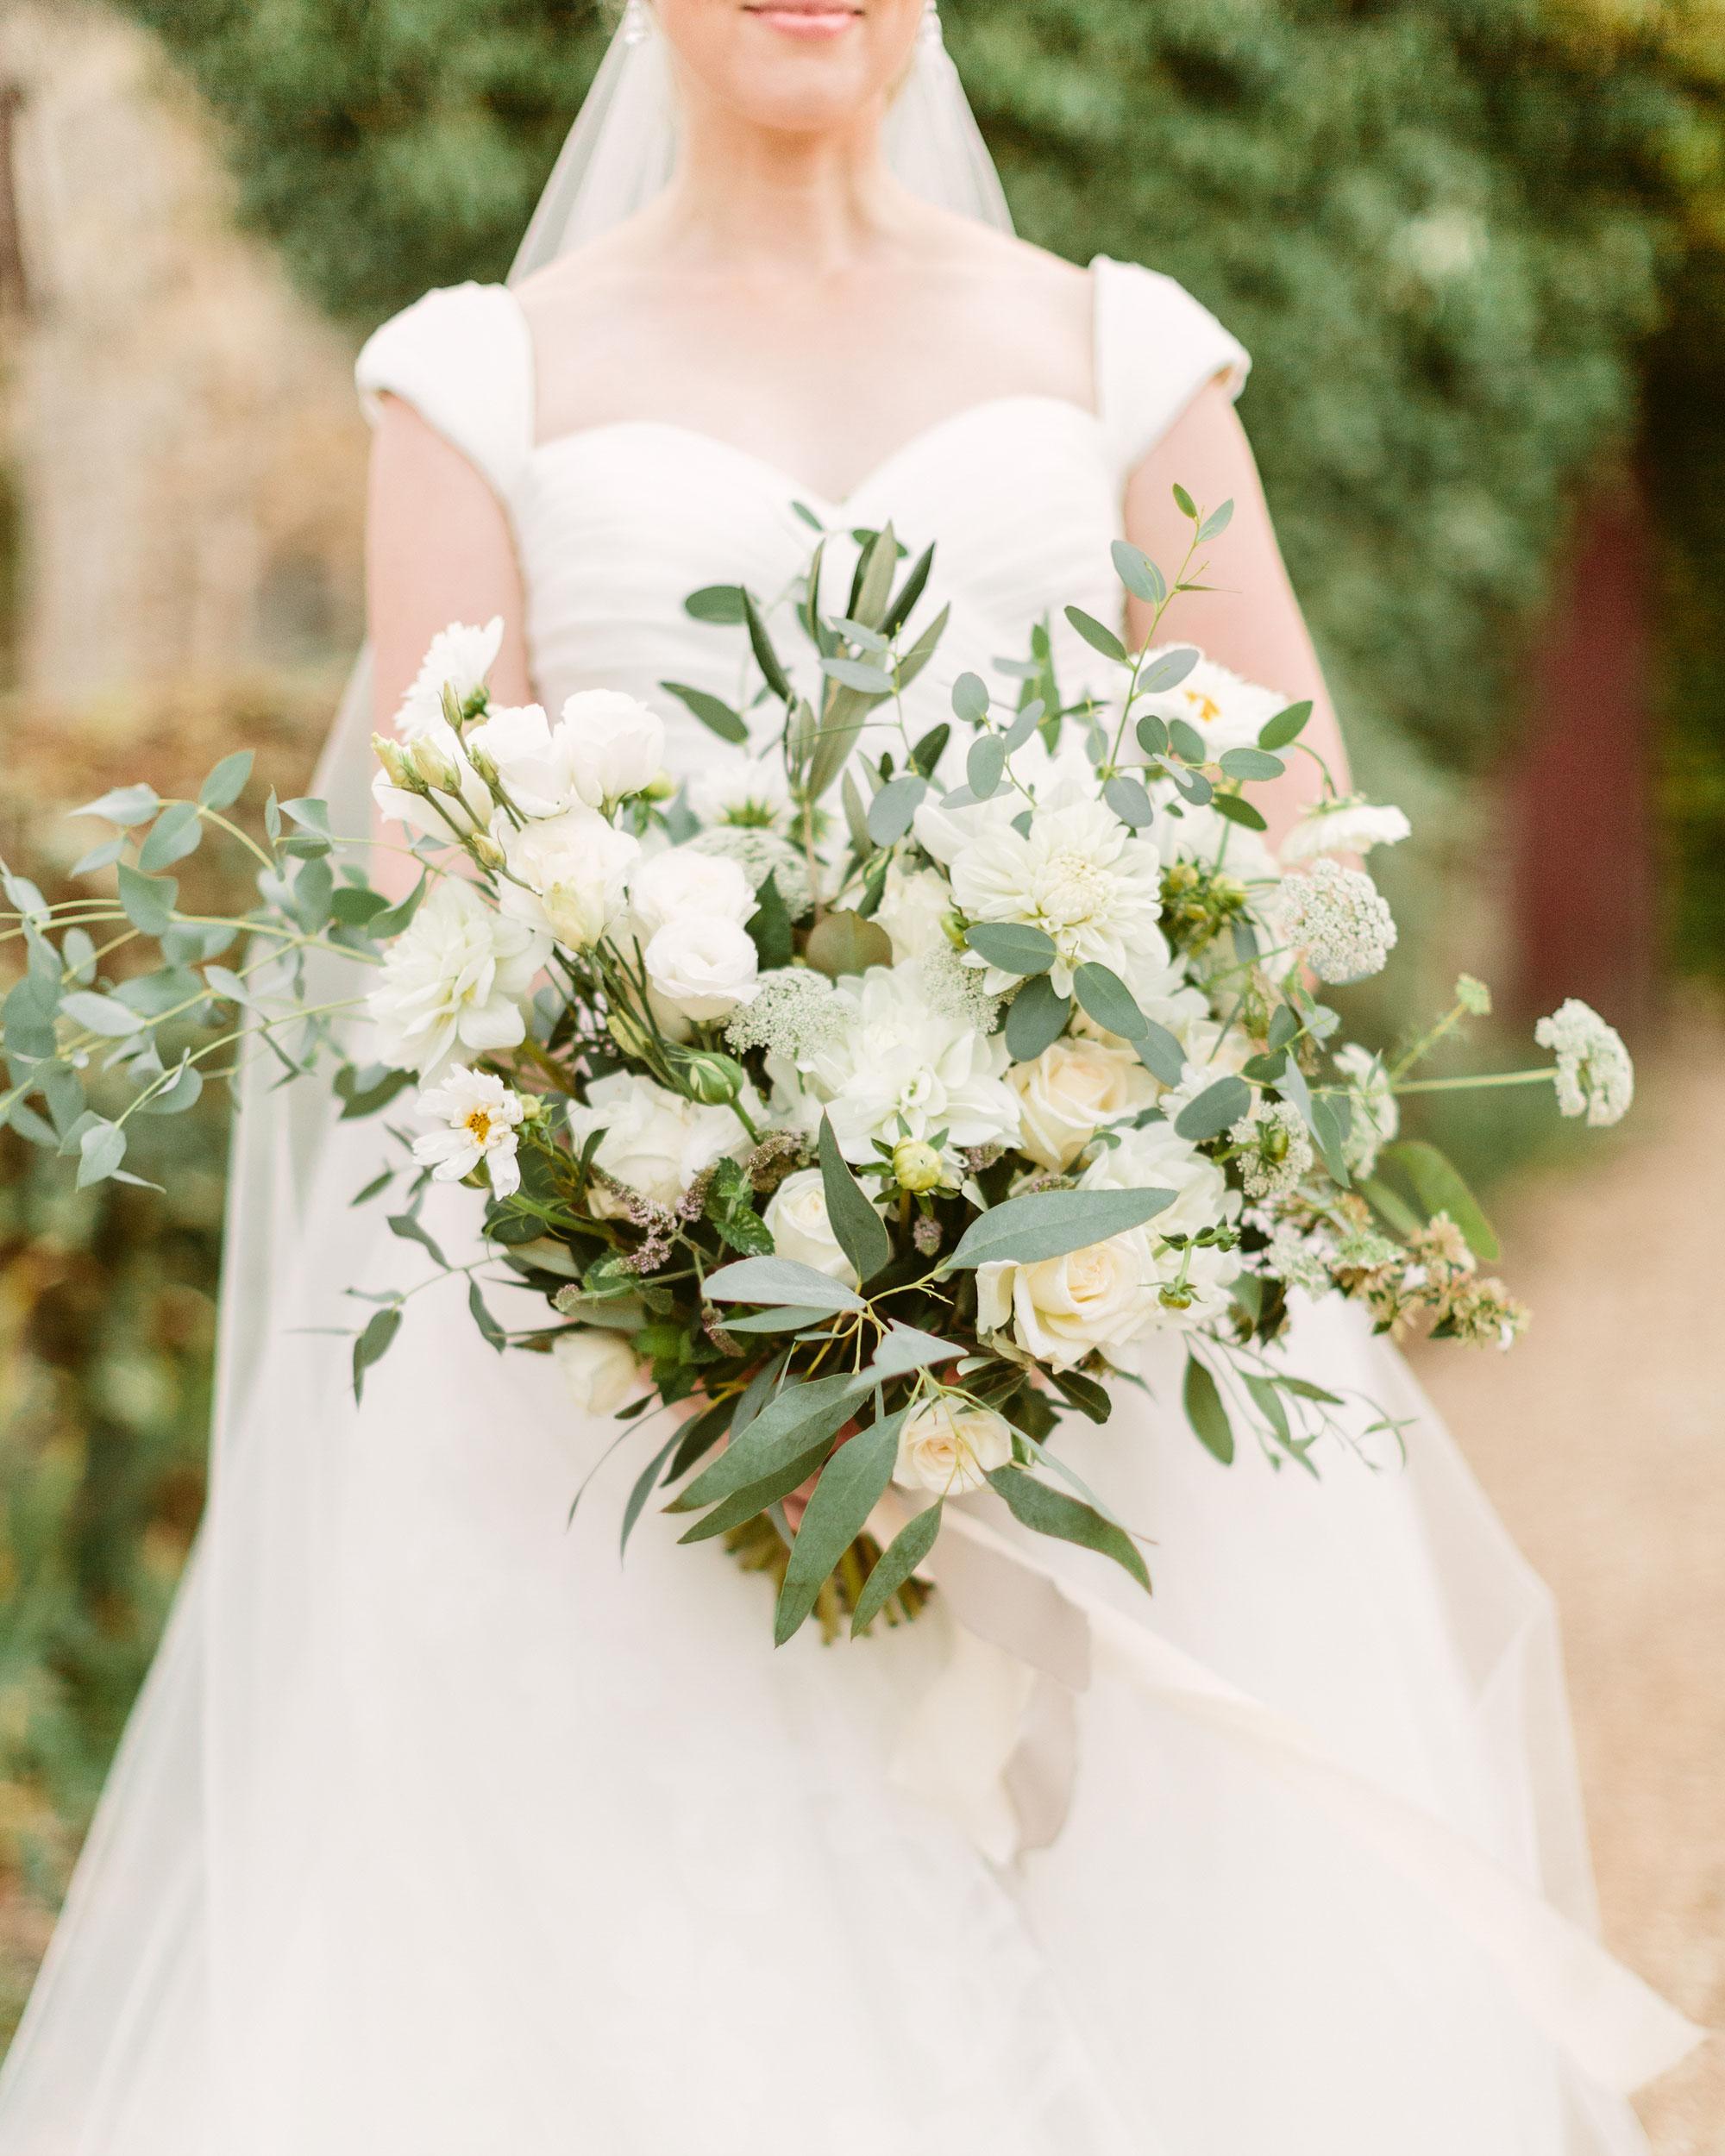 anneclaire-chris-wedding-france-bouquet-043-s113034-00716.jpg